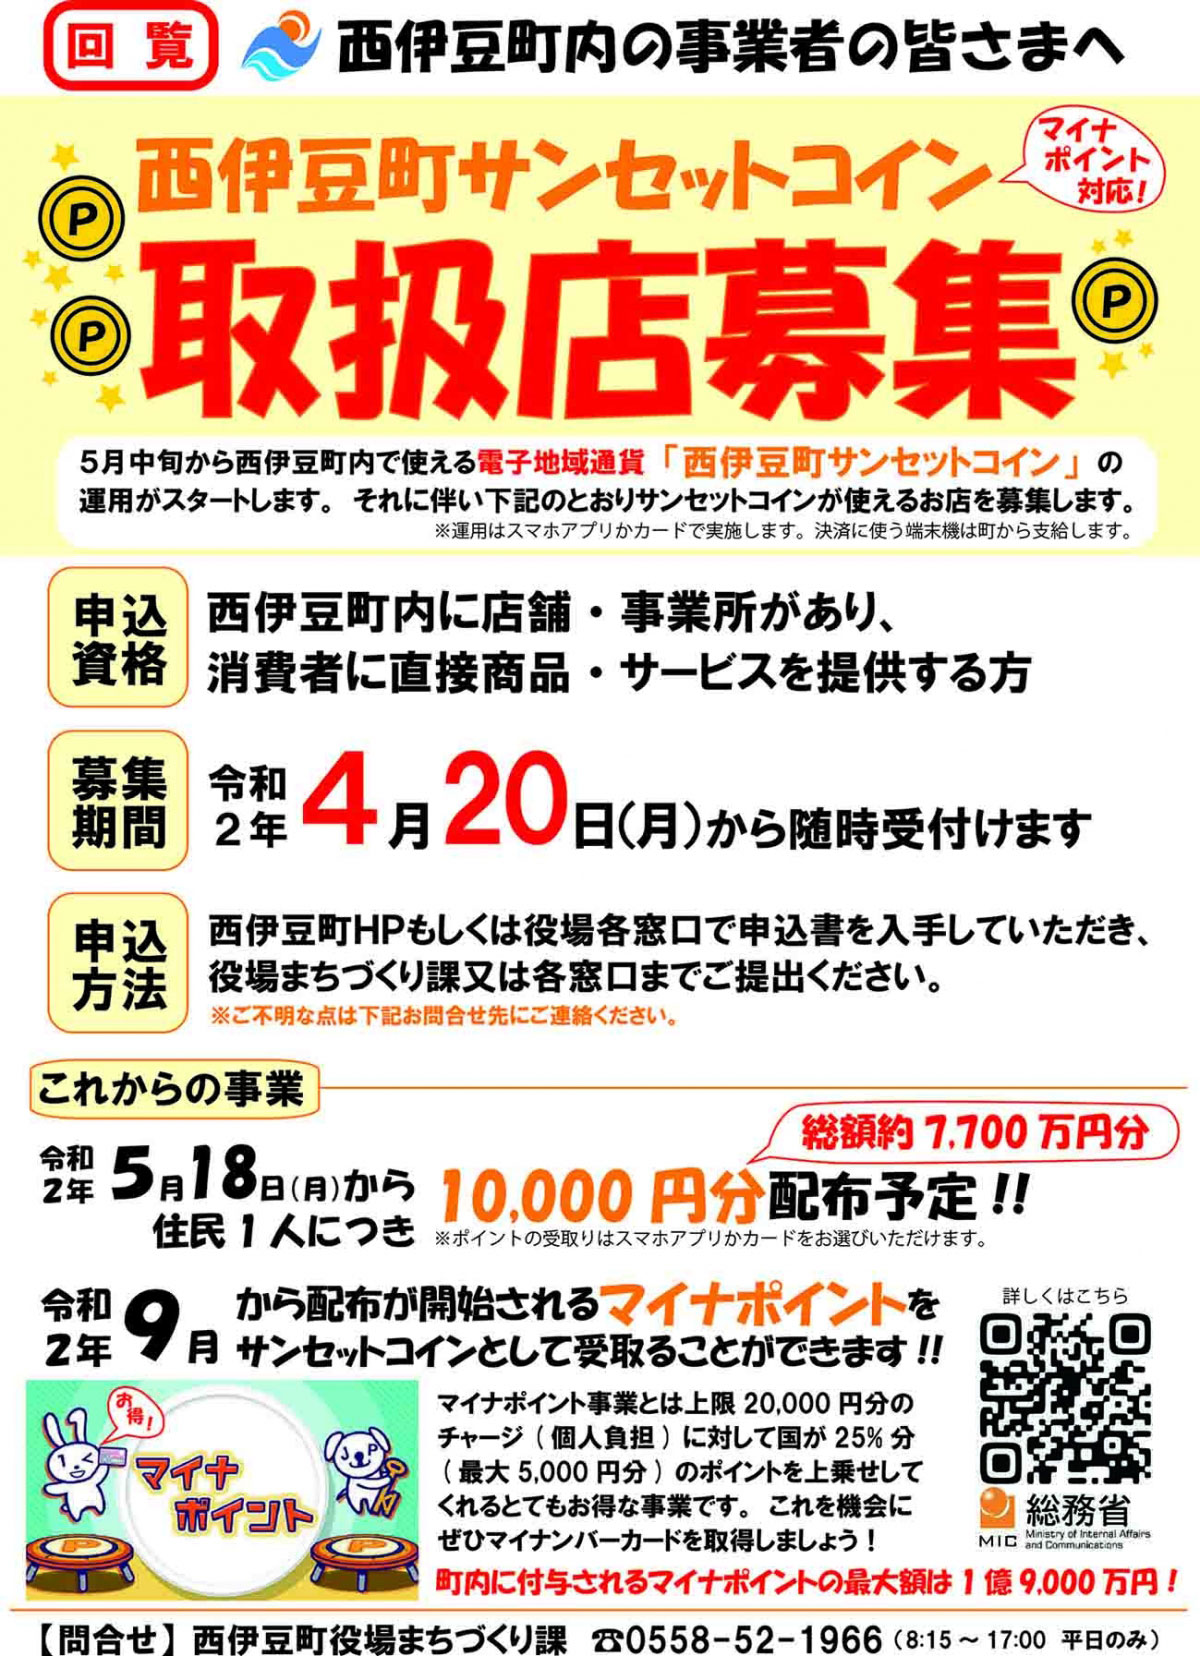 西伊豆町サンセットコイン取扱店募集チラシ